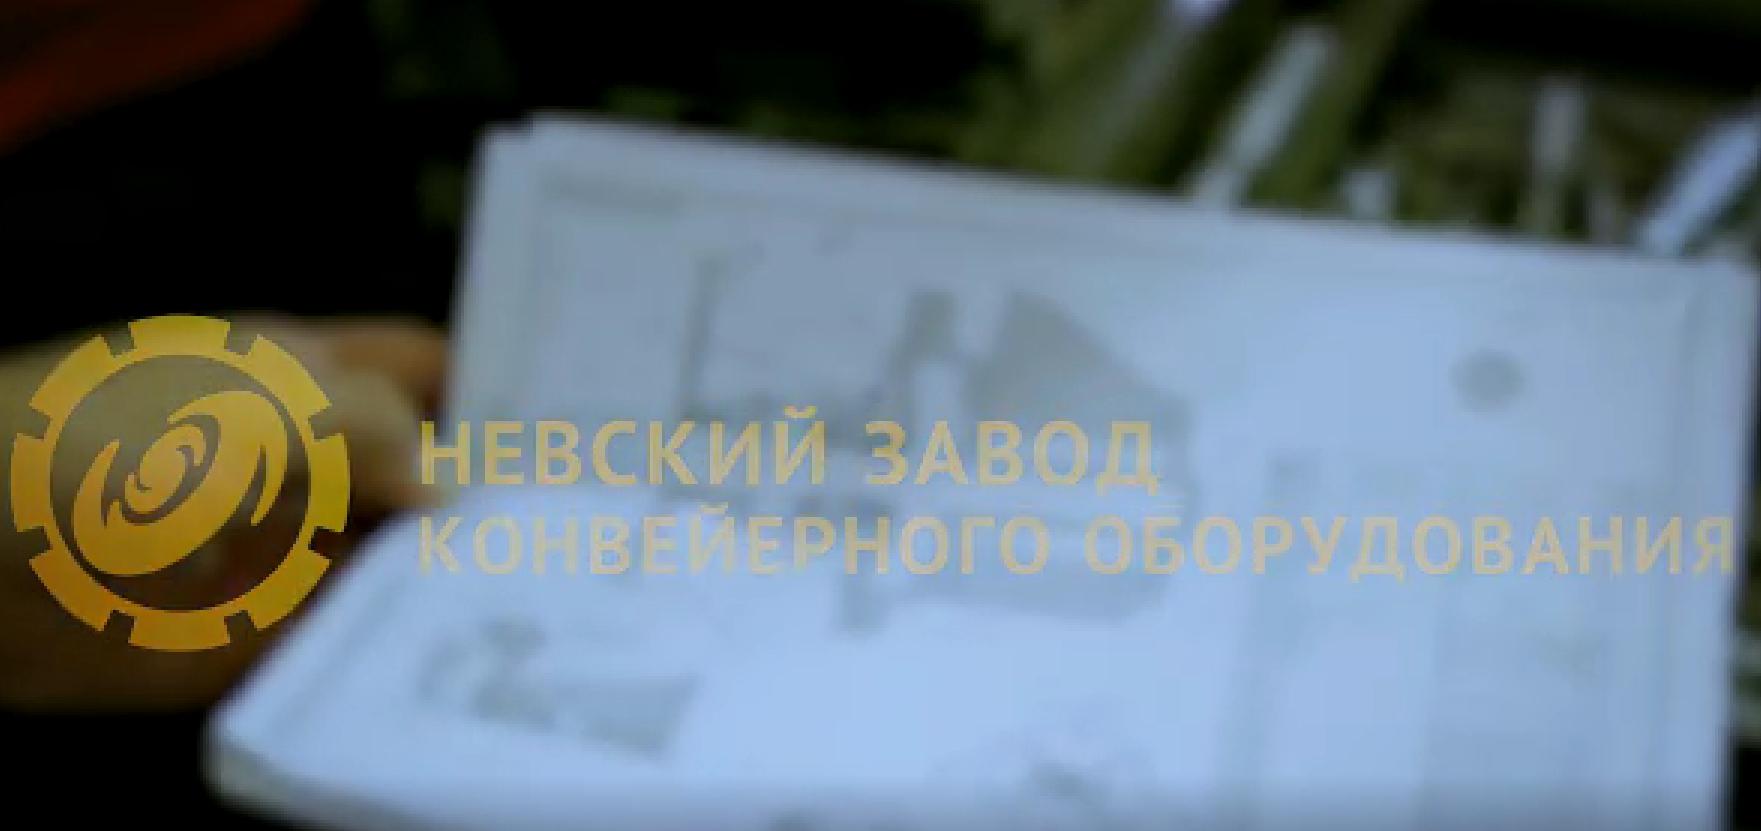 Ооо невский завод конвейерного оборудования официальный сайт малый конвейер